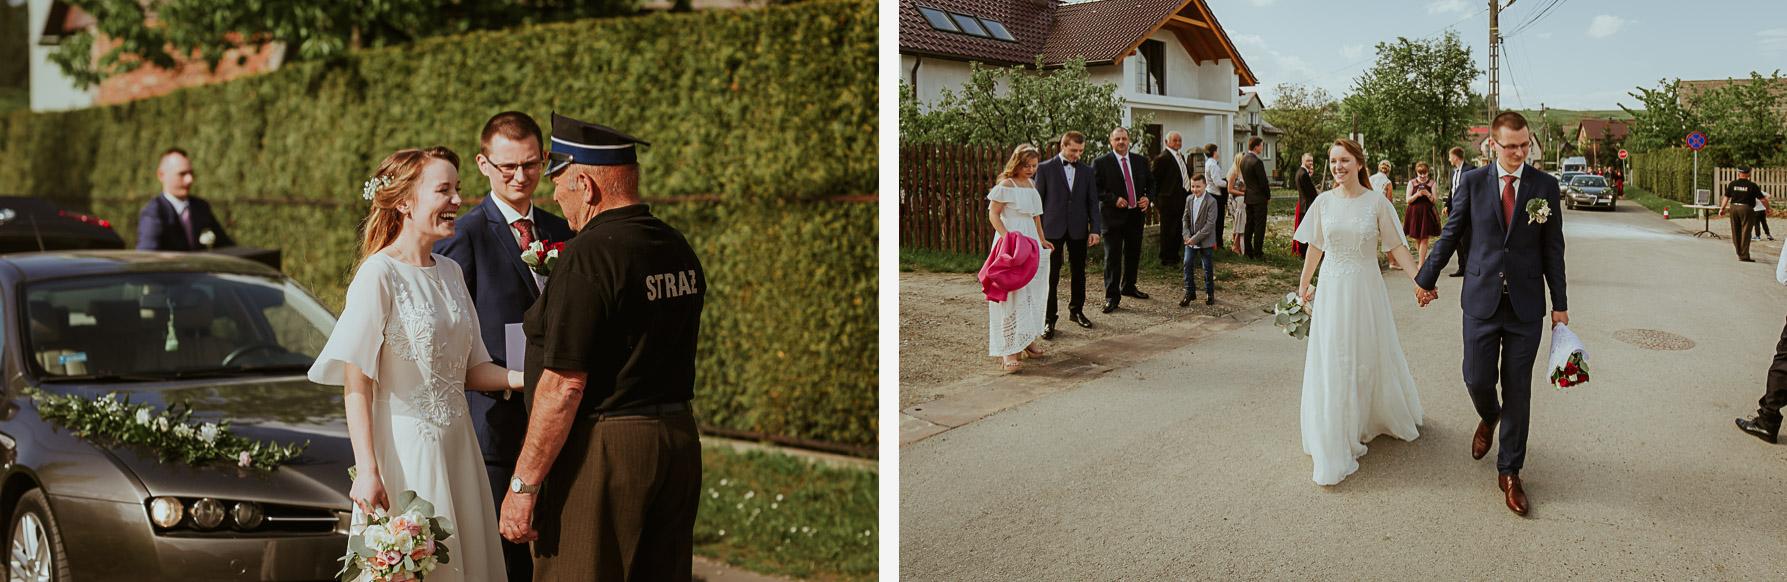 Reportaż Ślubny Trzebinia 032 a5